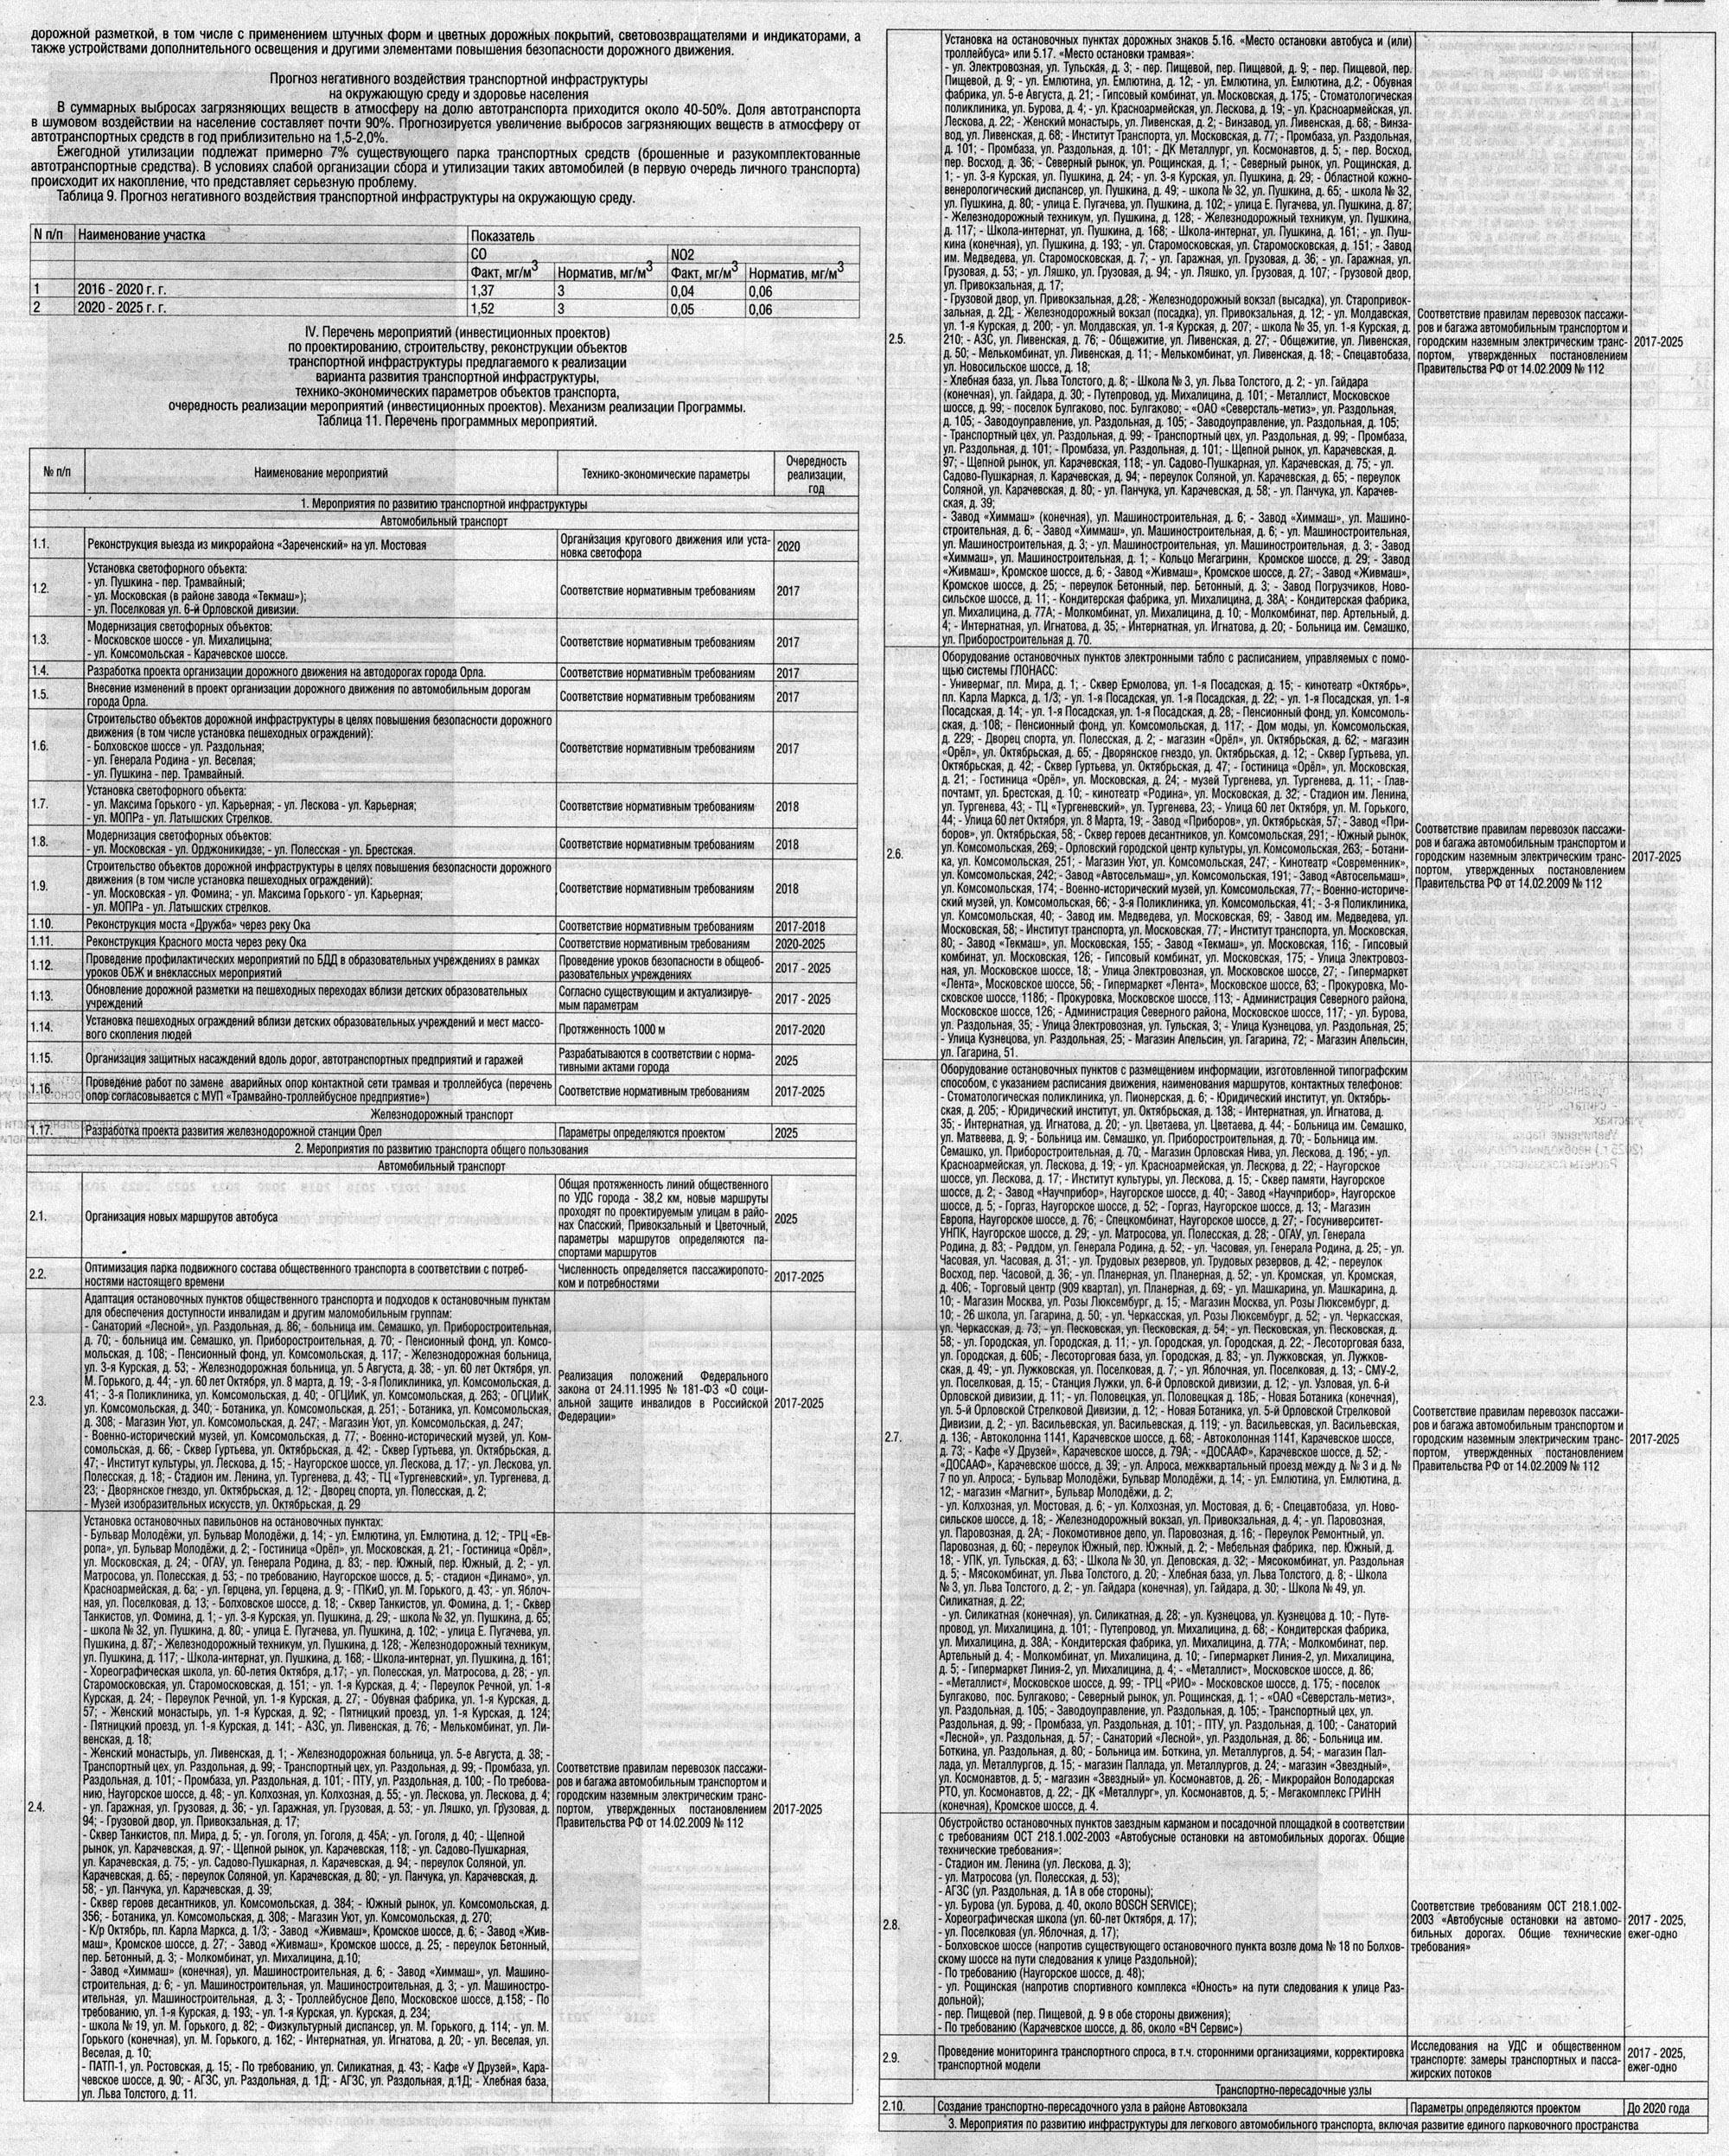 схема движения автобусный маршрут № 15 владивосток